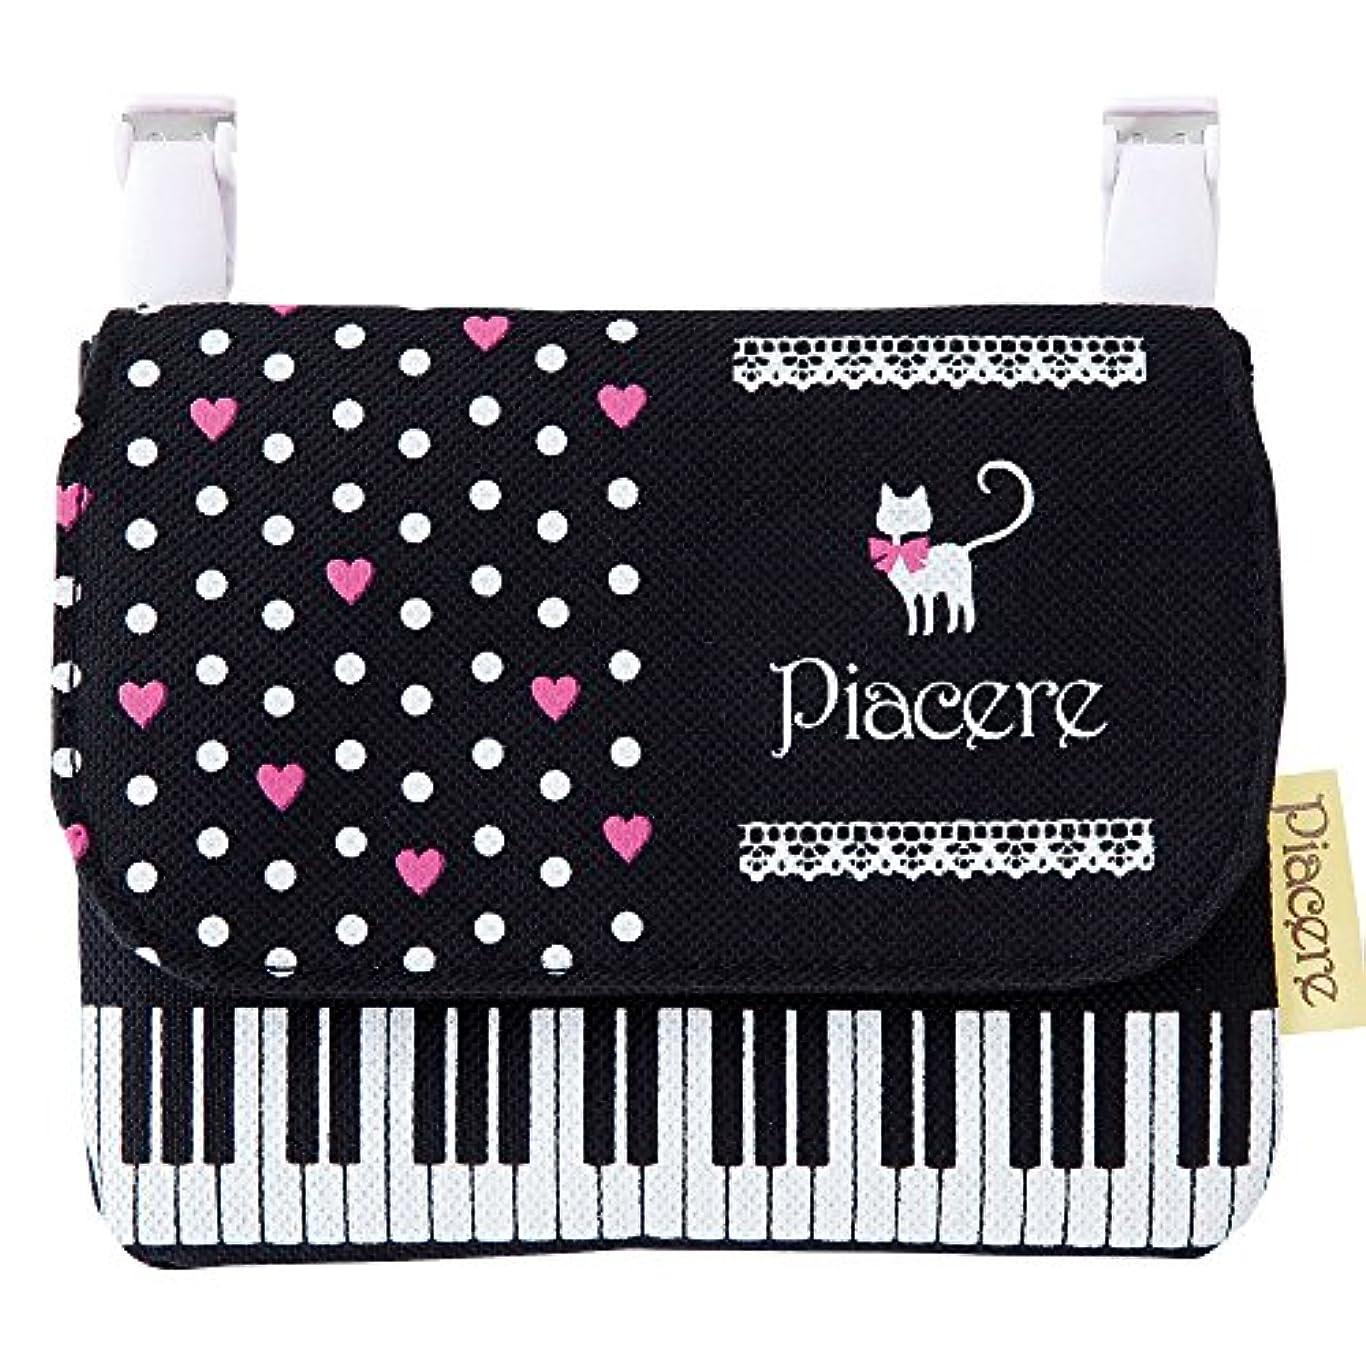 フラグラントセラフ眠いですピアチェーレ ポケットポーチ(猫&鍵盤柄) ポケットティッシュケース付き移動ポケット 音楽モチーフ